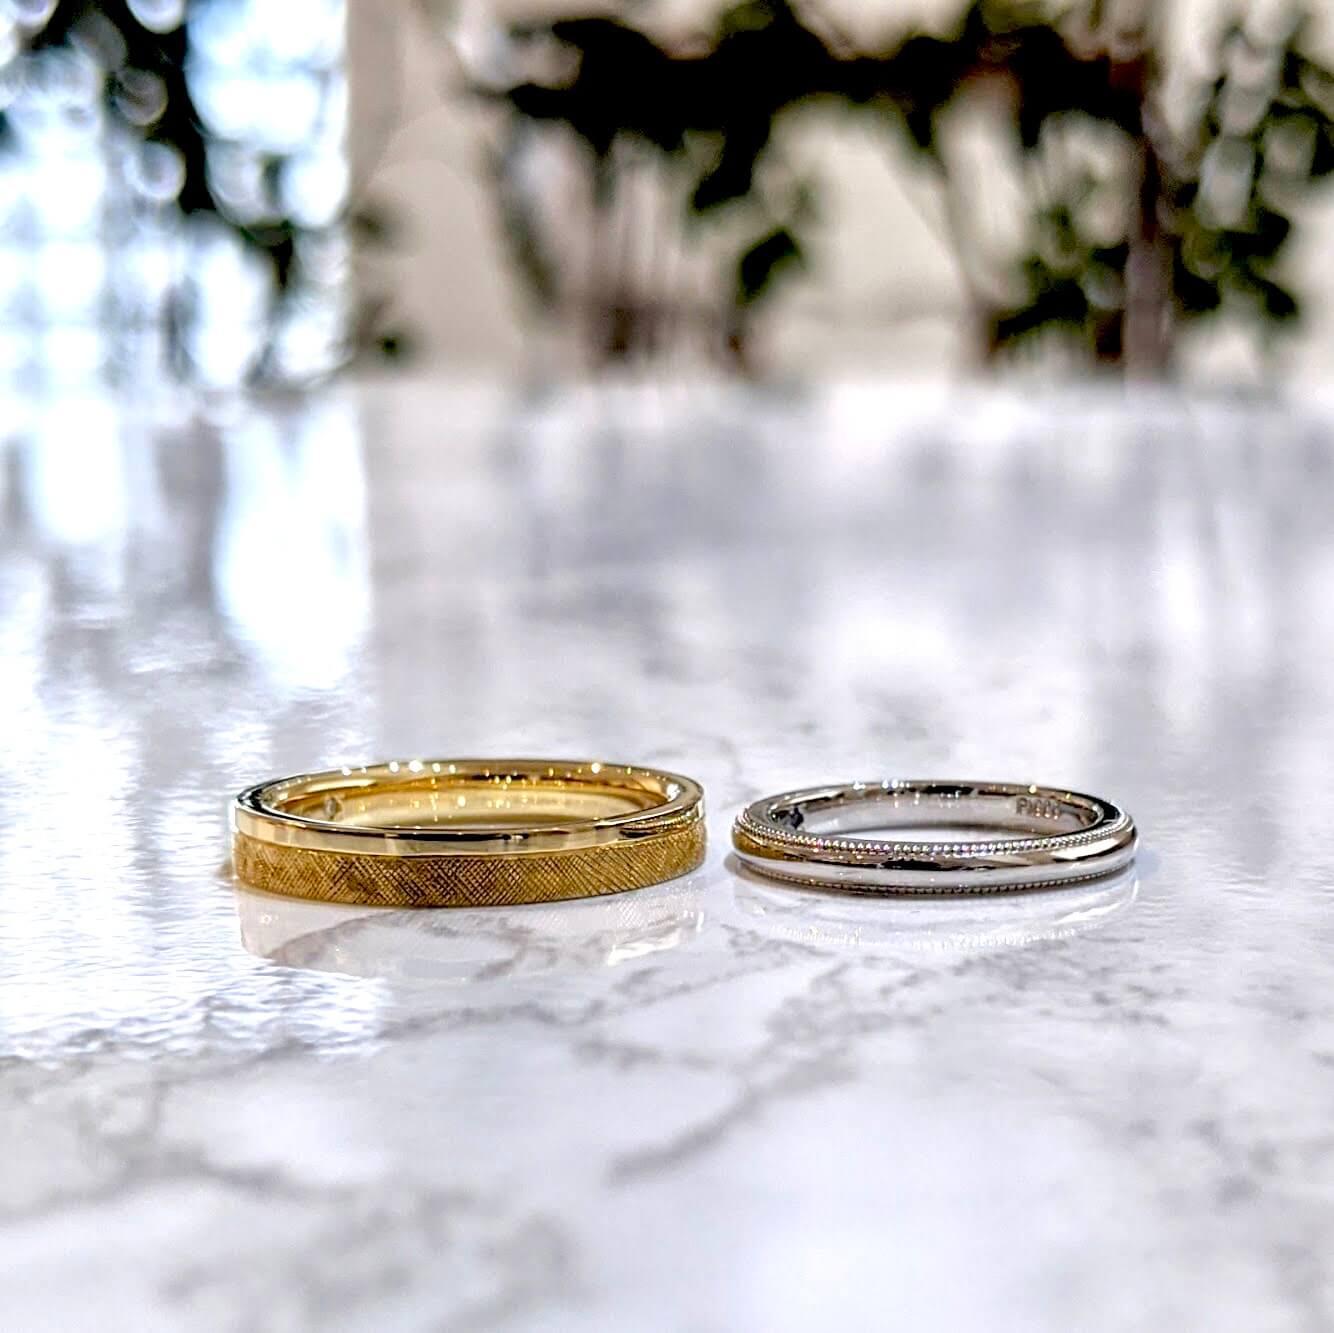 ストレートフォルムの結婚指輪|テクスチャーやデザインの紹介